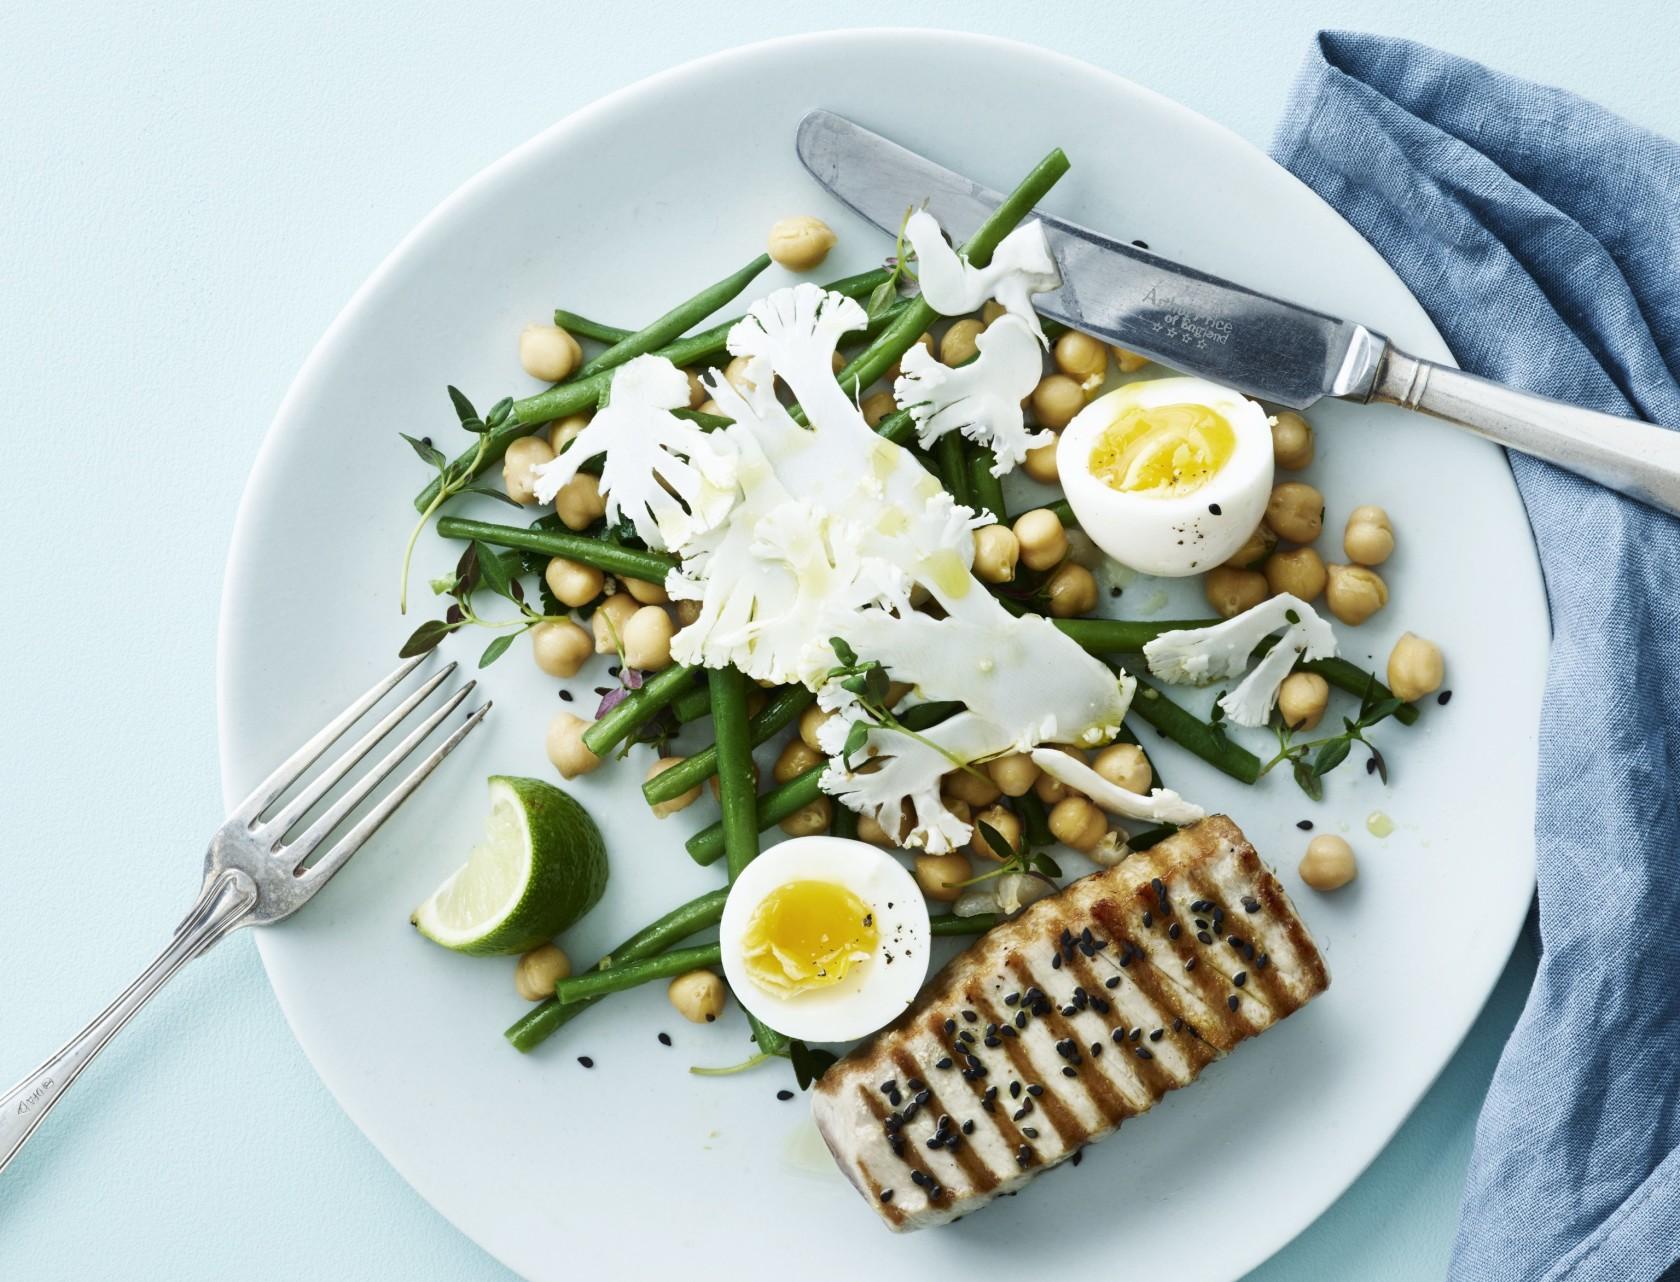 Tun a la nicoise - et lækkert tvist af den kendte salat nicoise